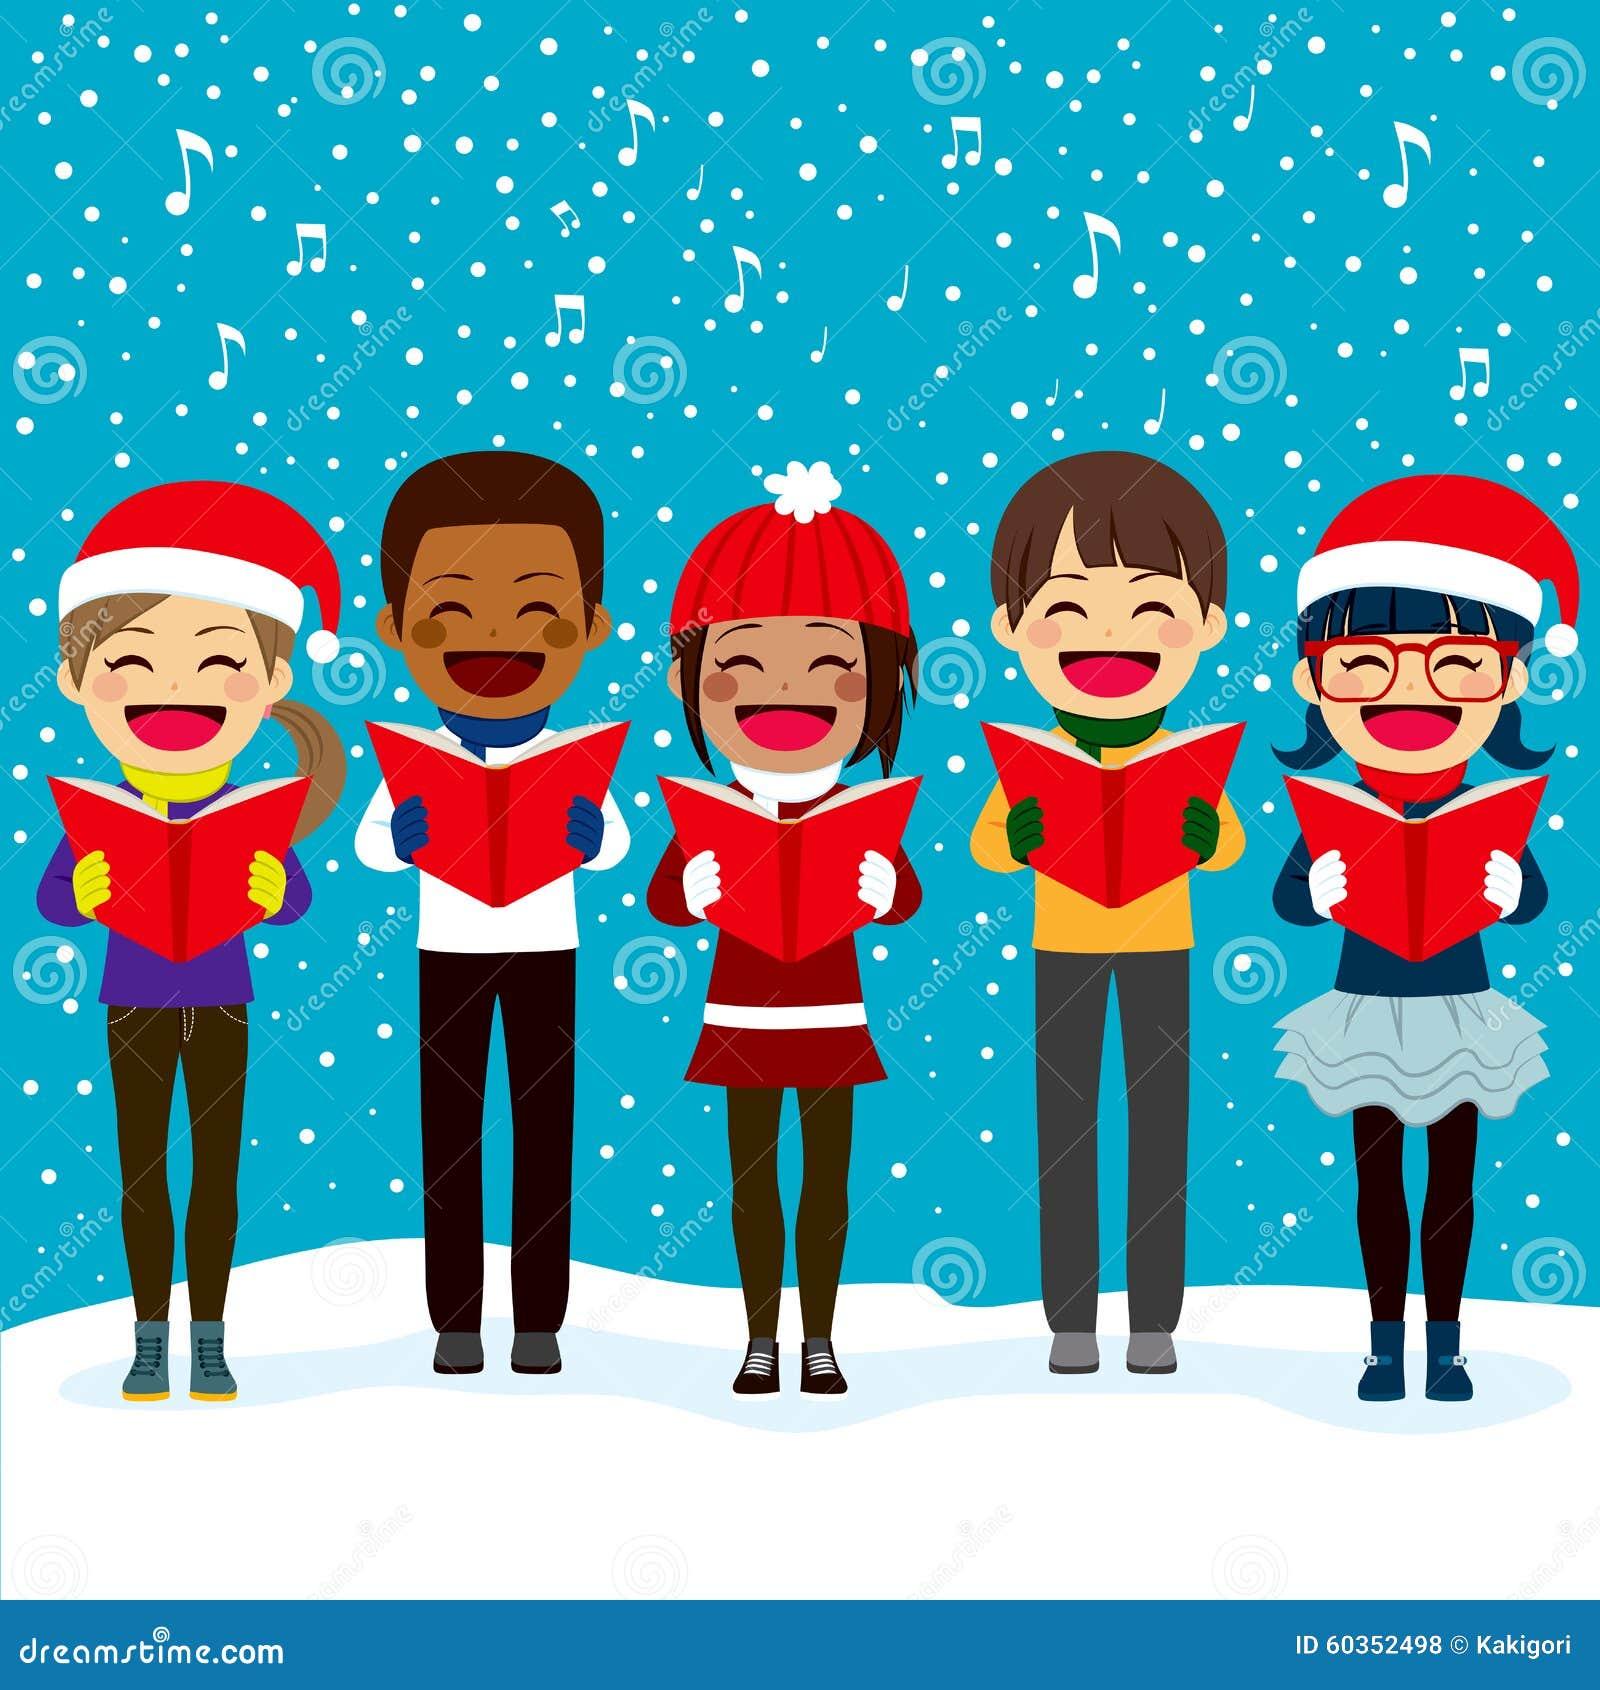 Kinder, Die Liede Am Weihnachten Singen Vektor Abbildung ...